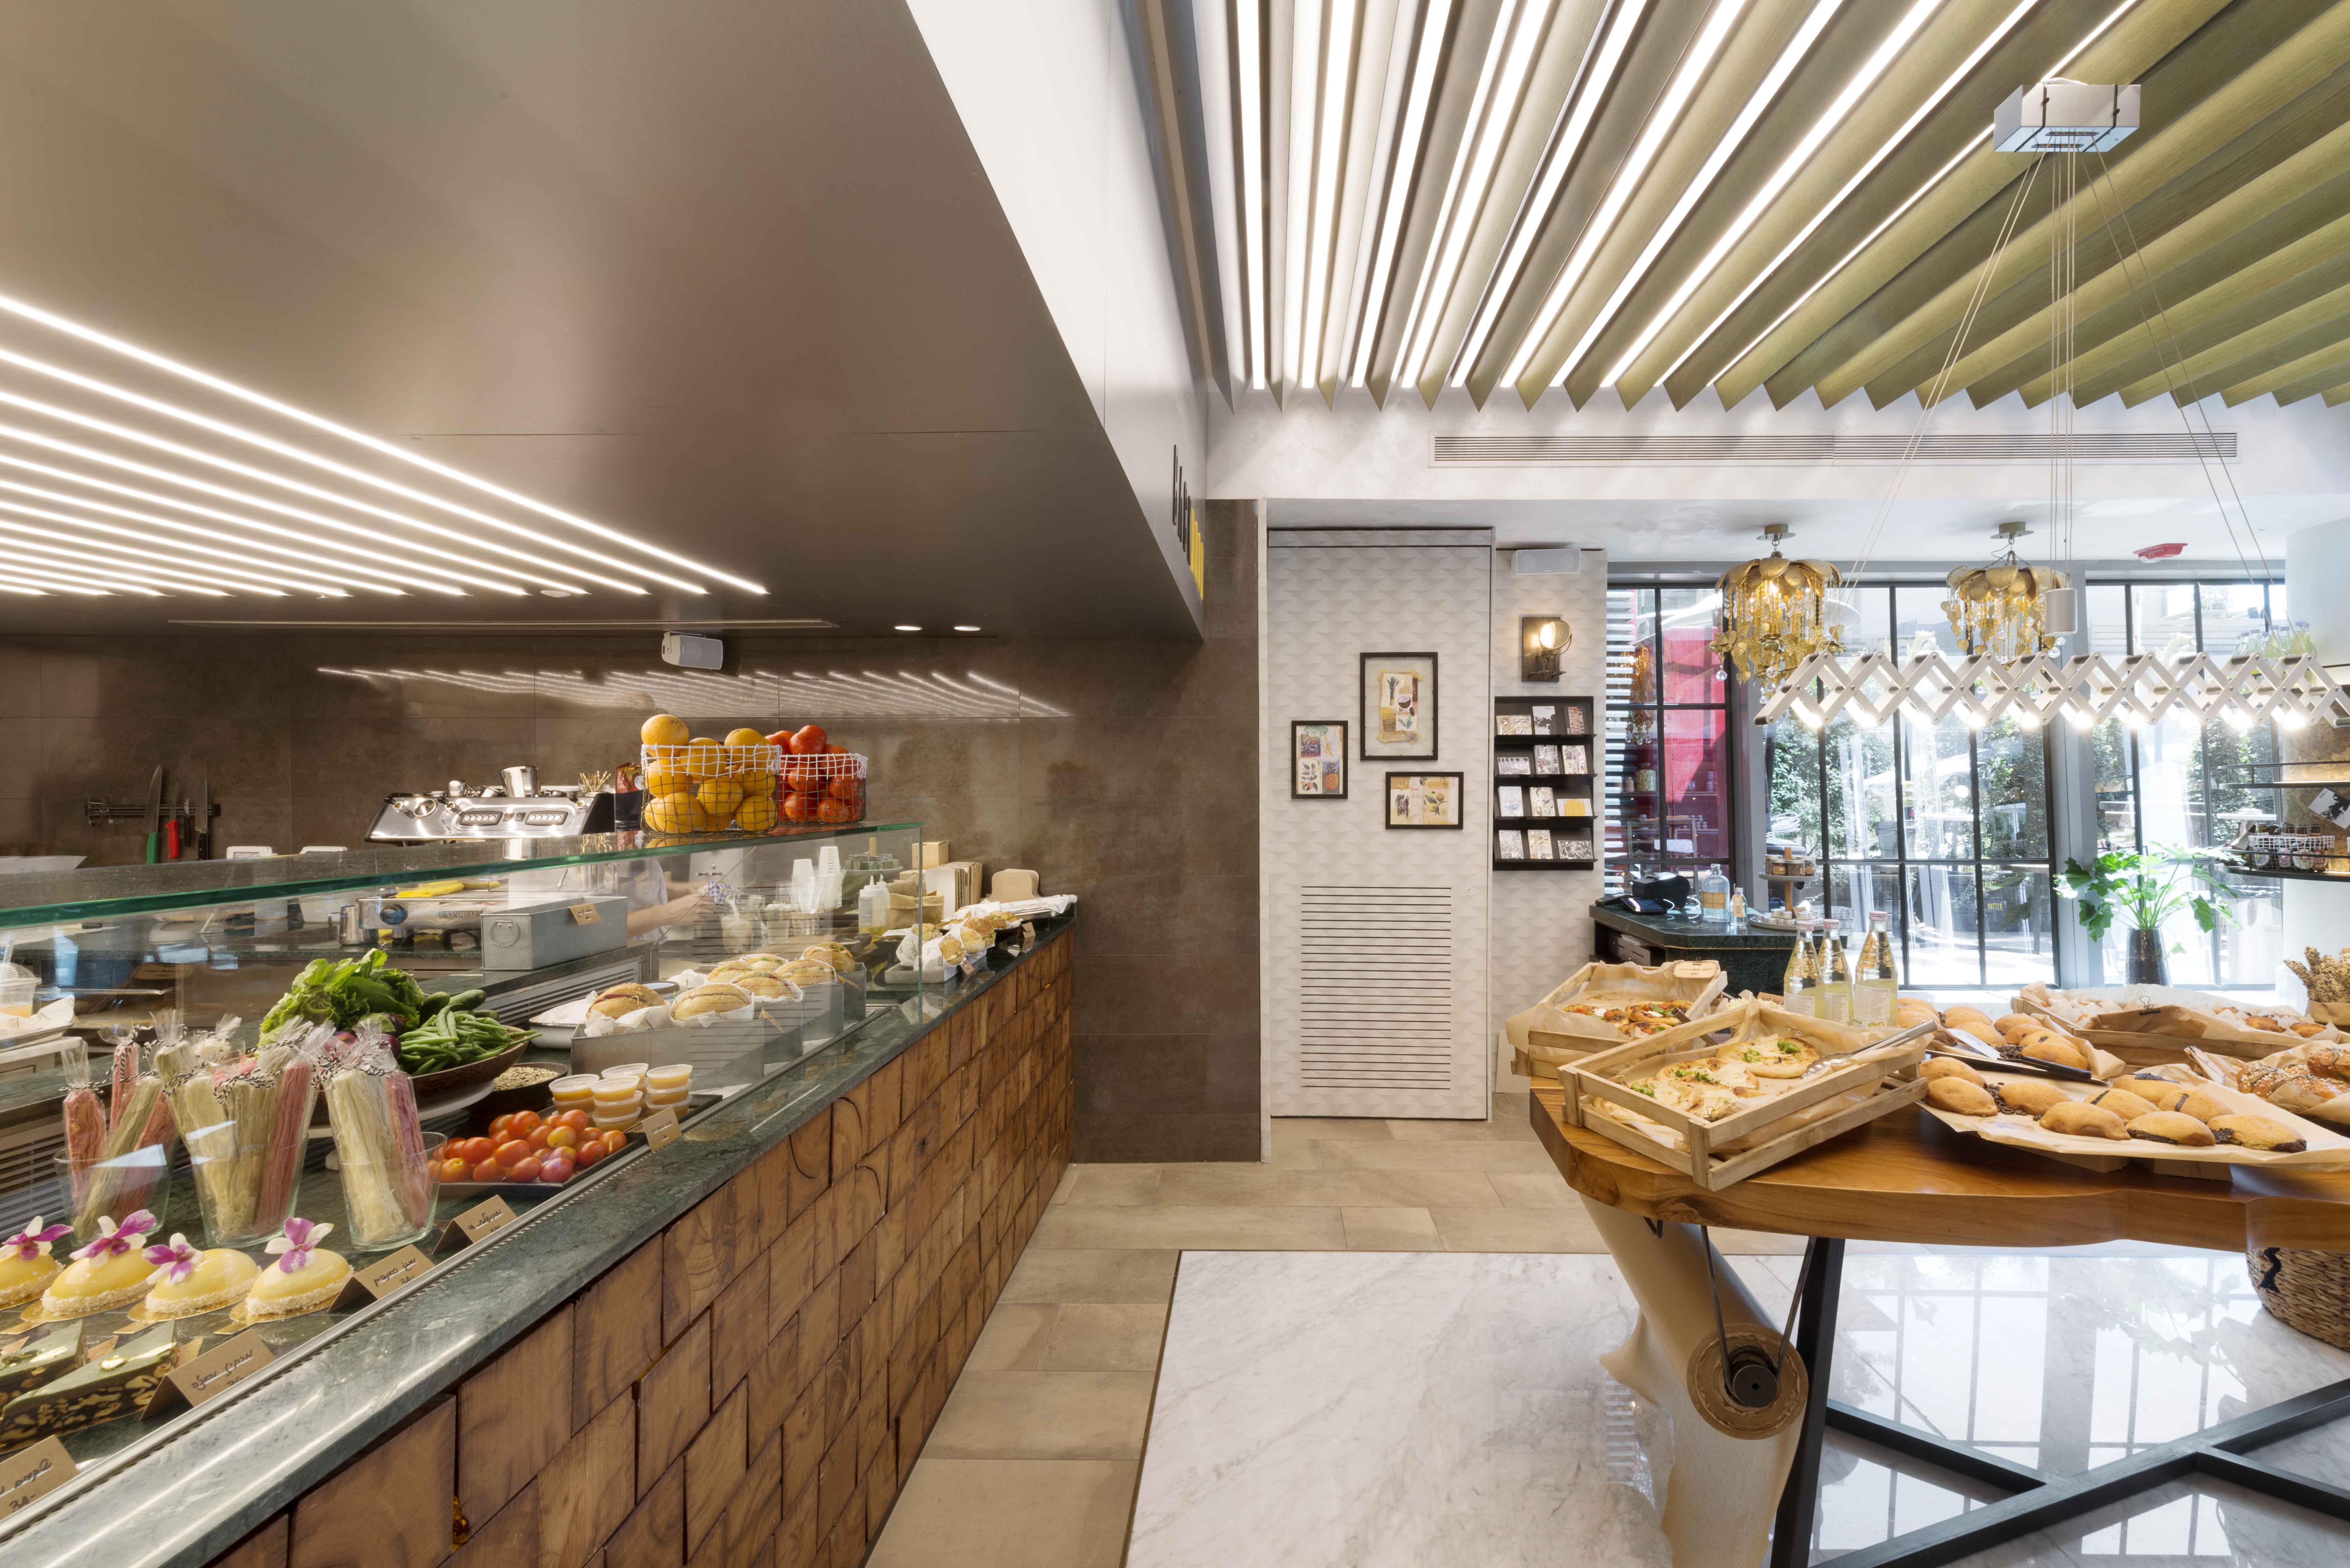 Backdoor bakery